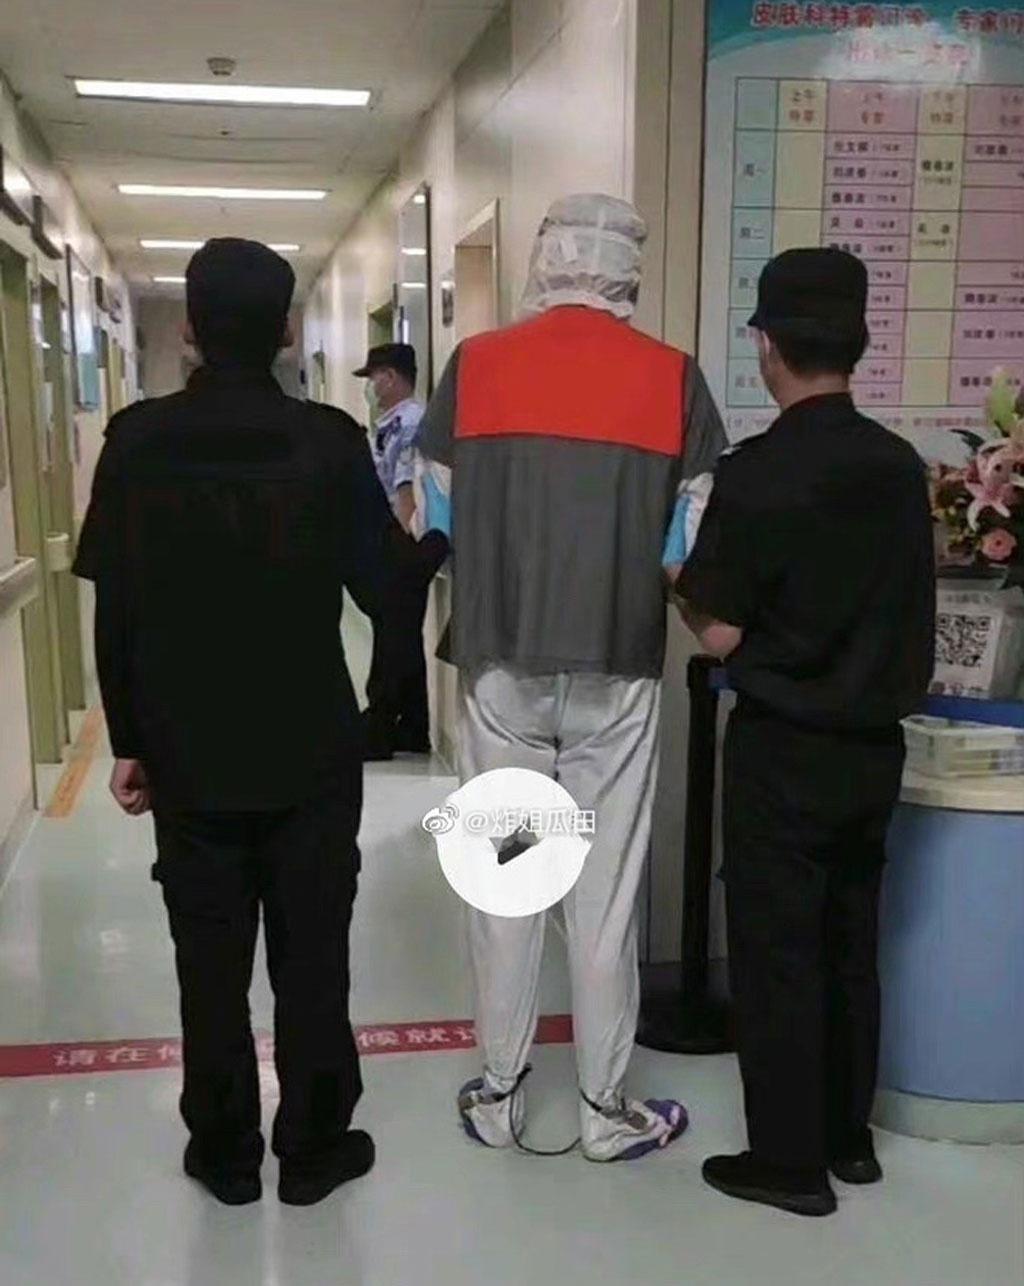 Fan Ngô Diệc Phàm trở lại và lợi hại hơn xưa: Tìm cách ngồi tù thay idol, áp đảo 'triều đình', mua vé về Canada? 2